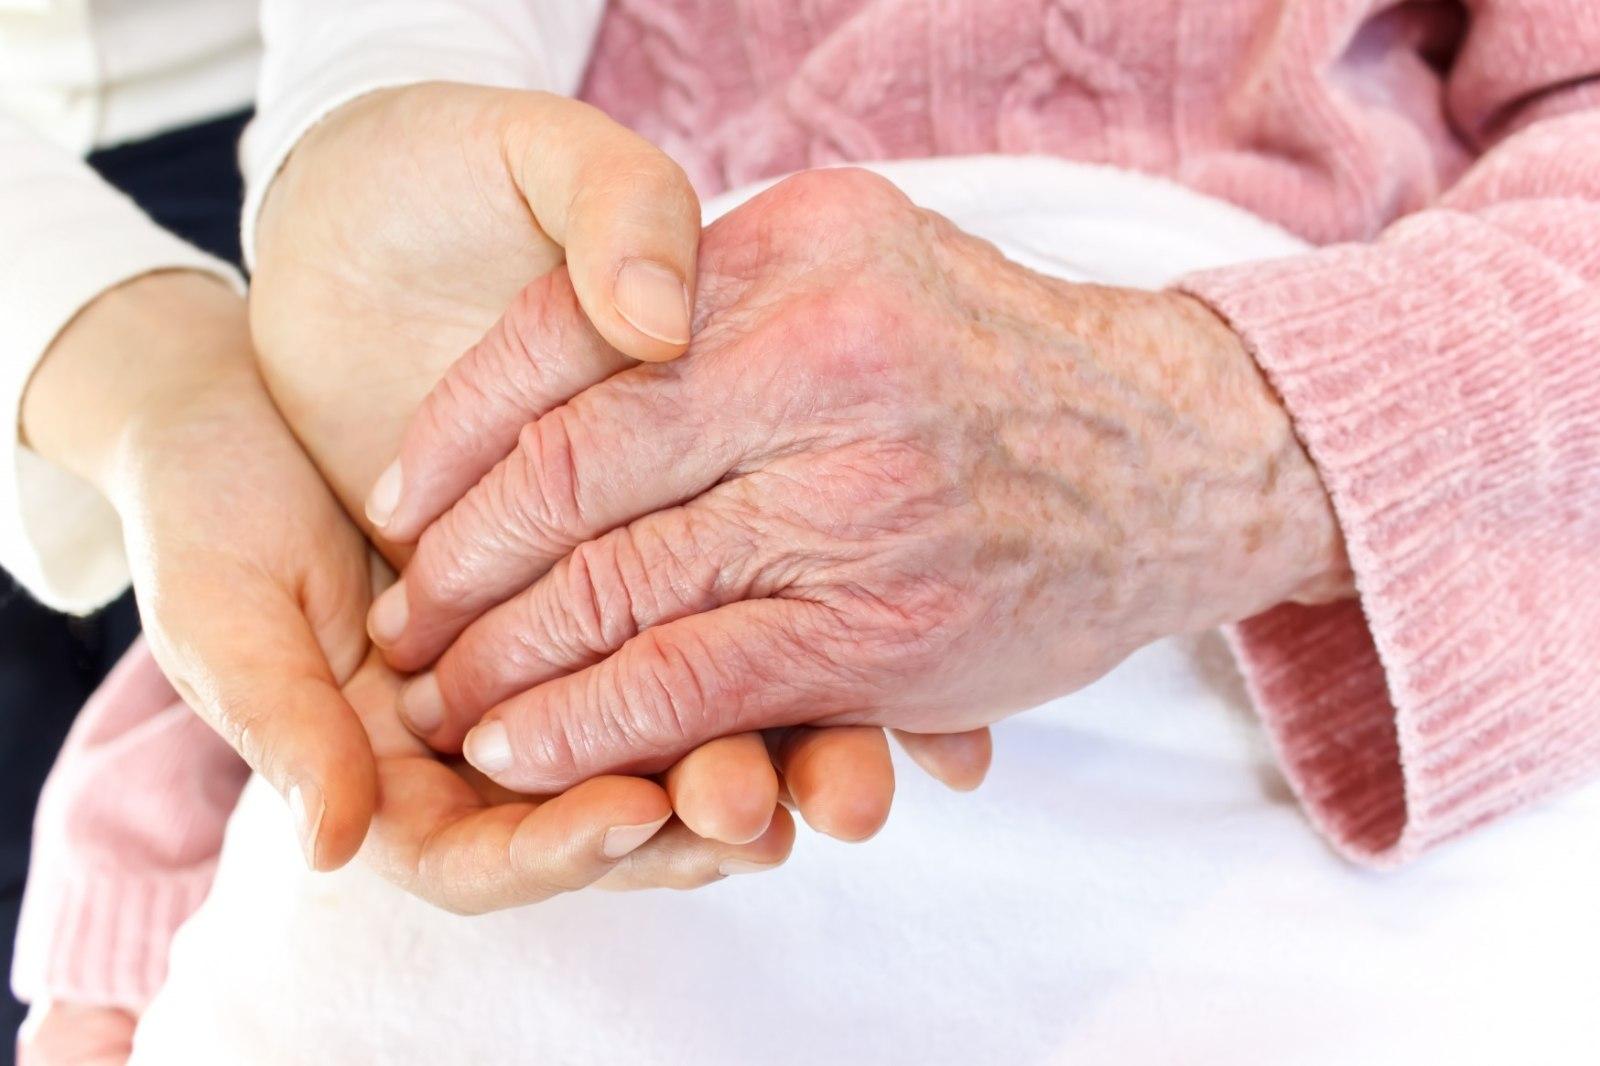 Полиартрит кистей рук и пальцев: лечение, симптомы 29